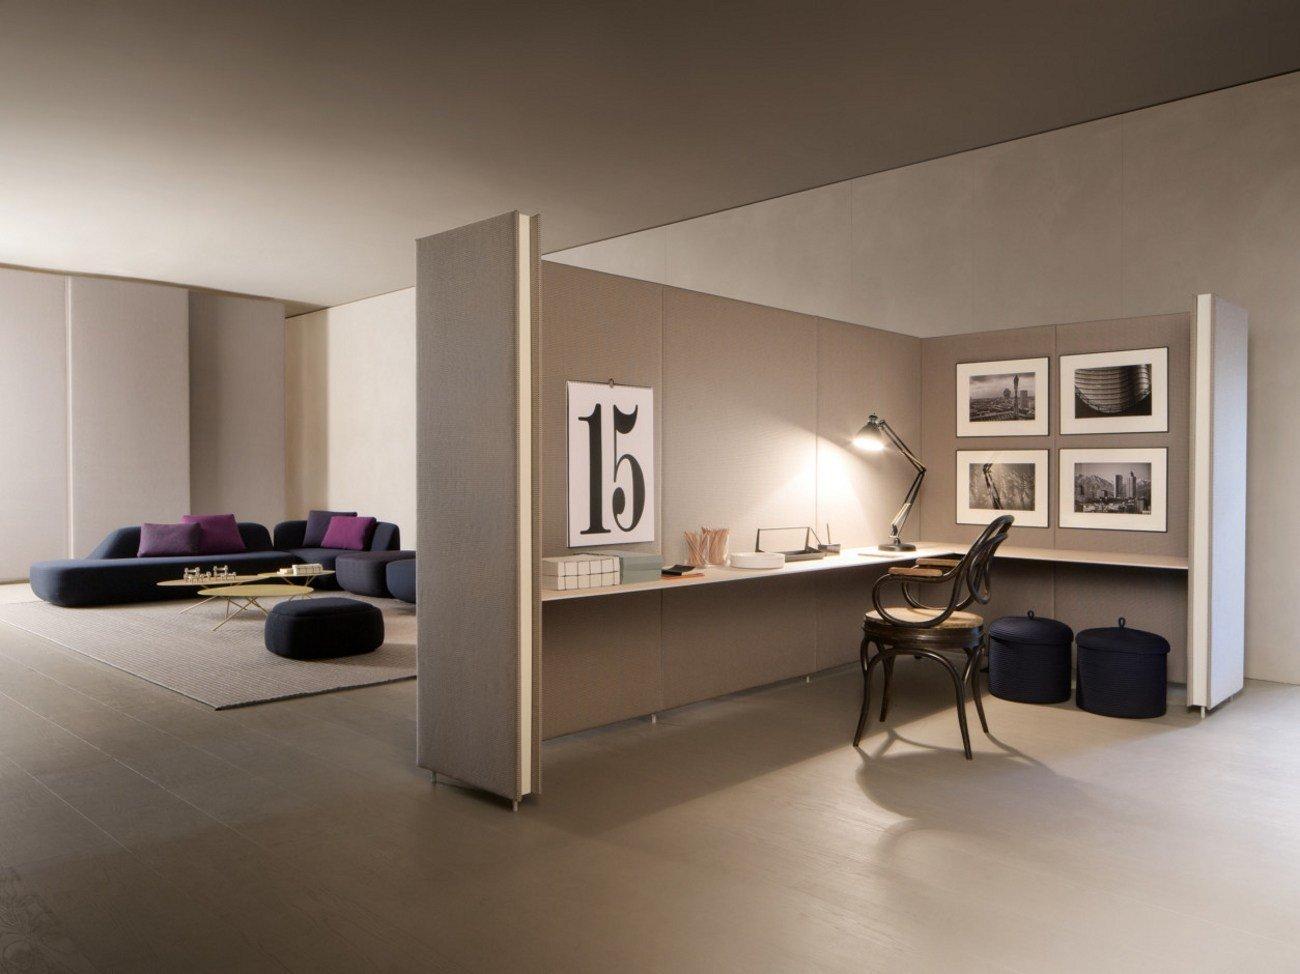 L 39 architettura d 39 interni diventa flessibile for Interni architettura